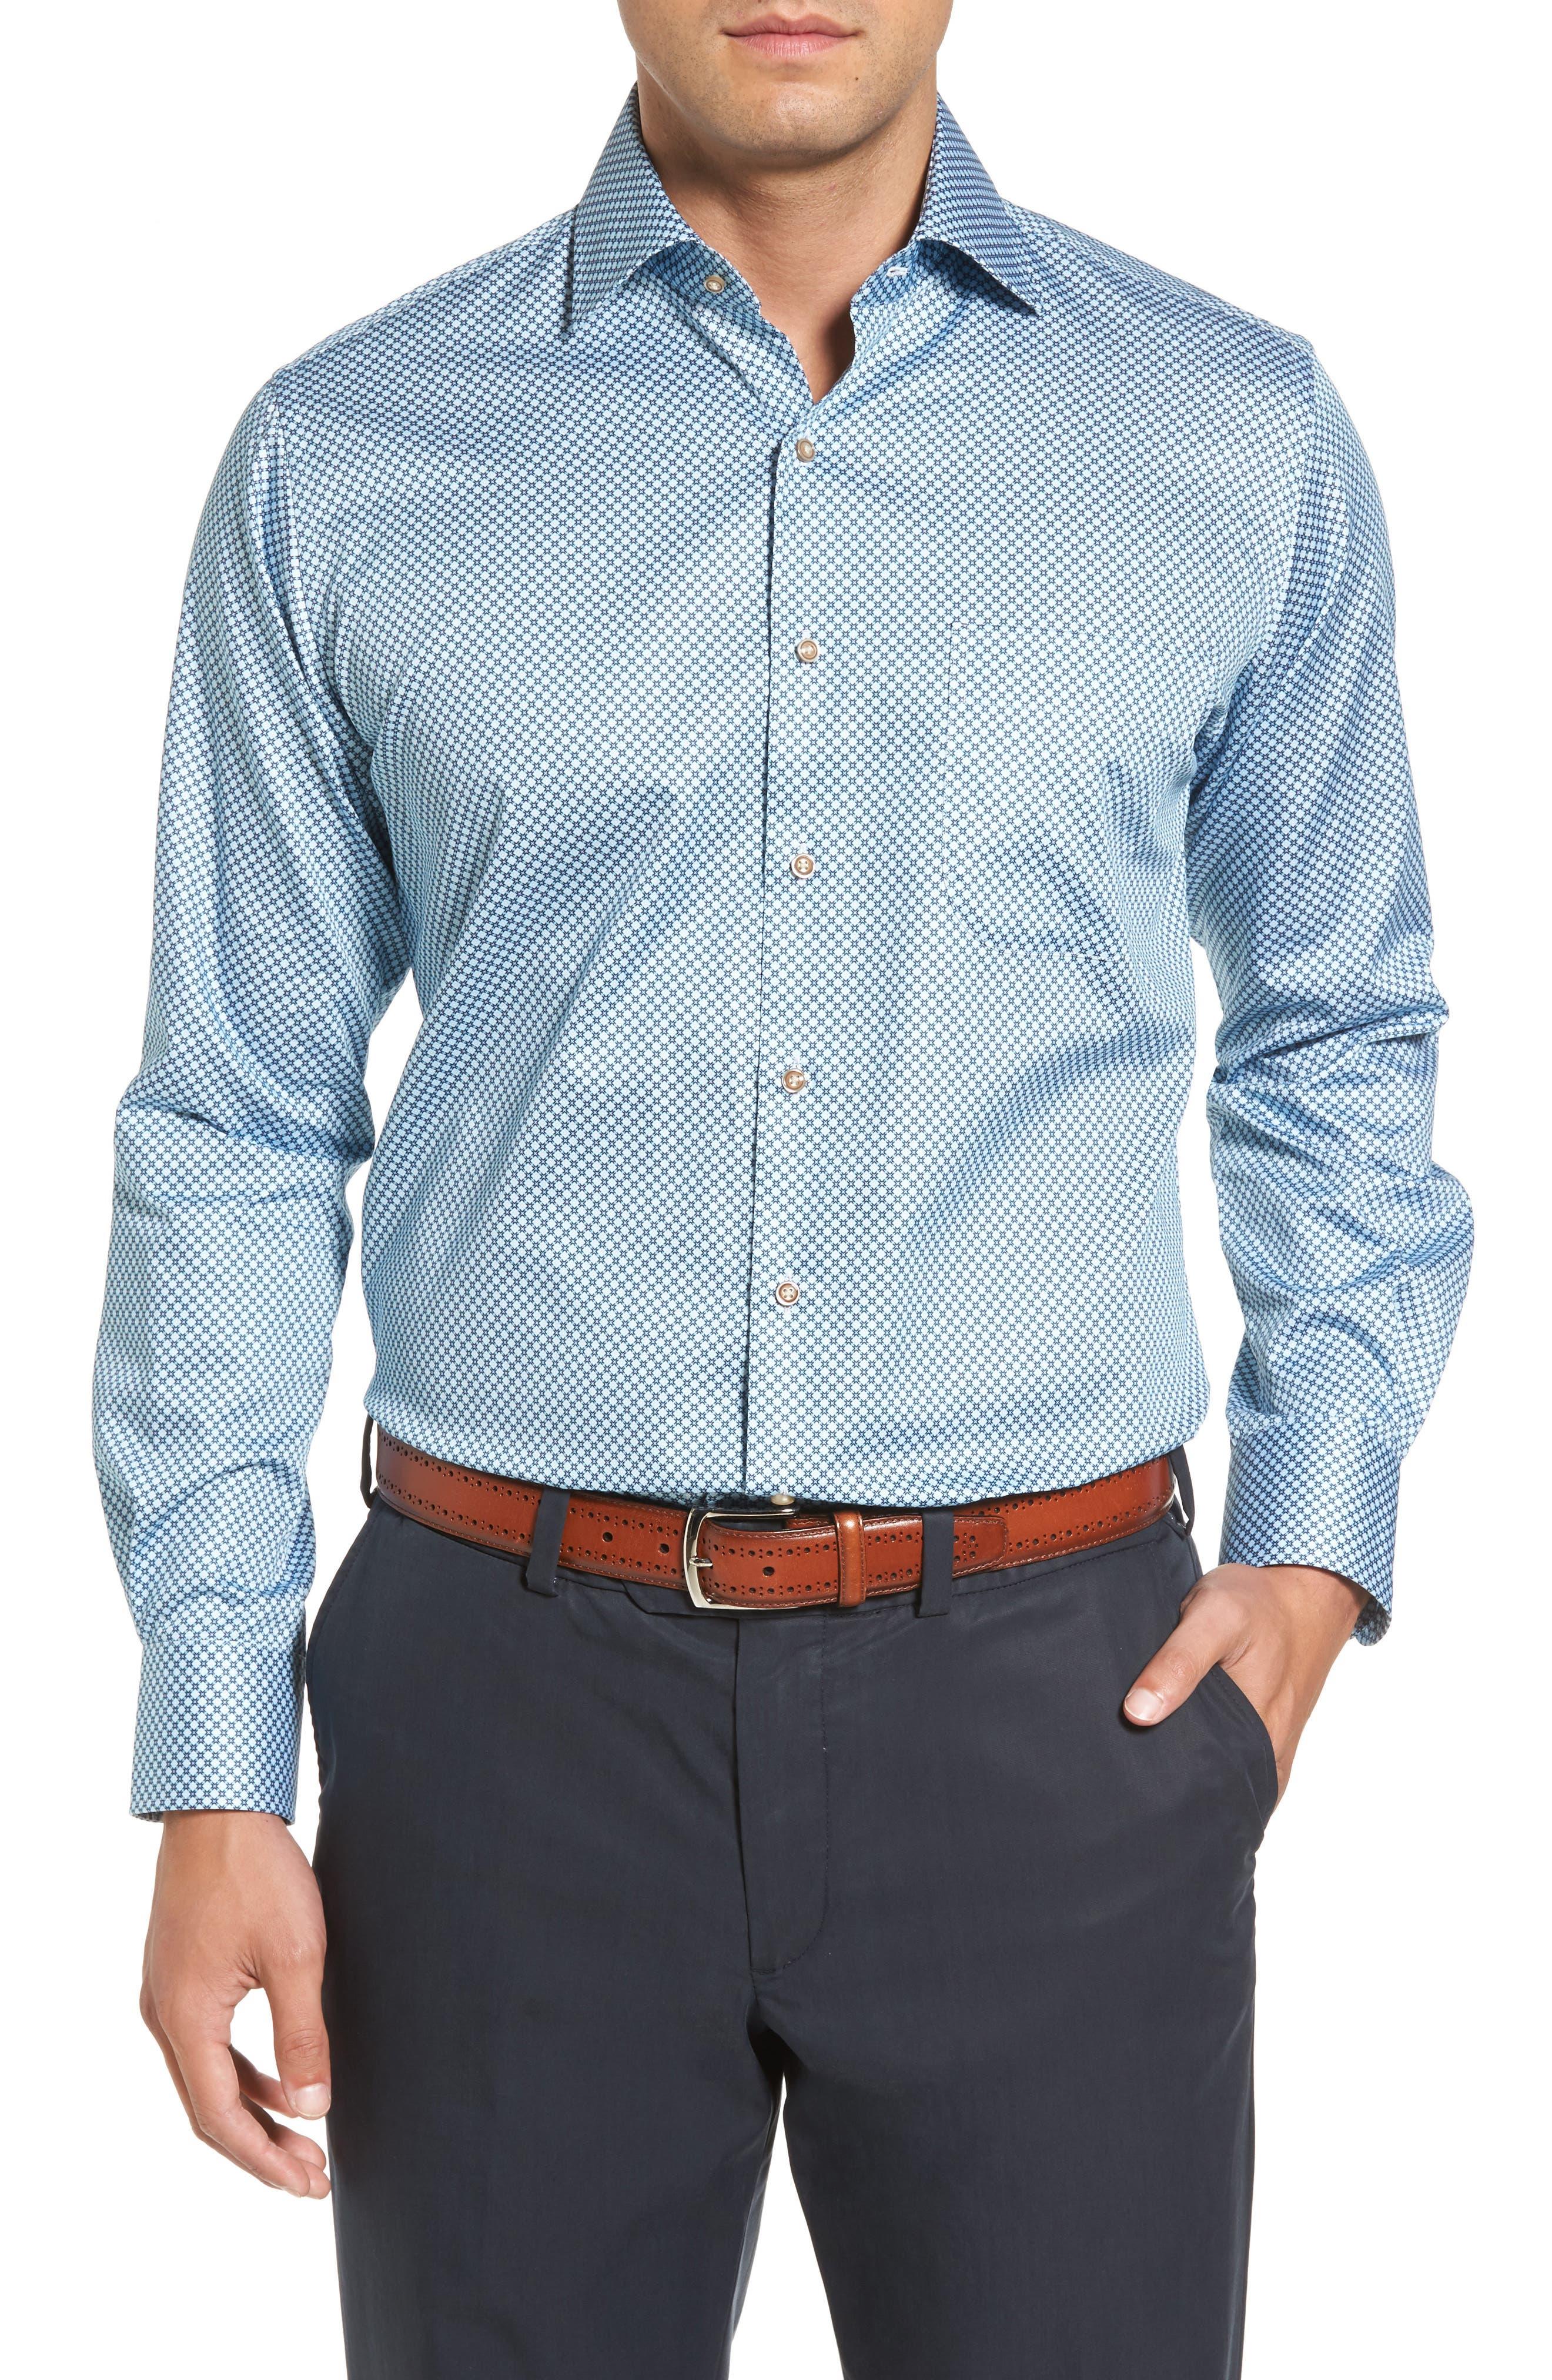 Main Image - Peter Millar Pandora's Box Regular Fit Sport Shirt